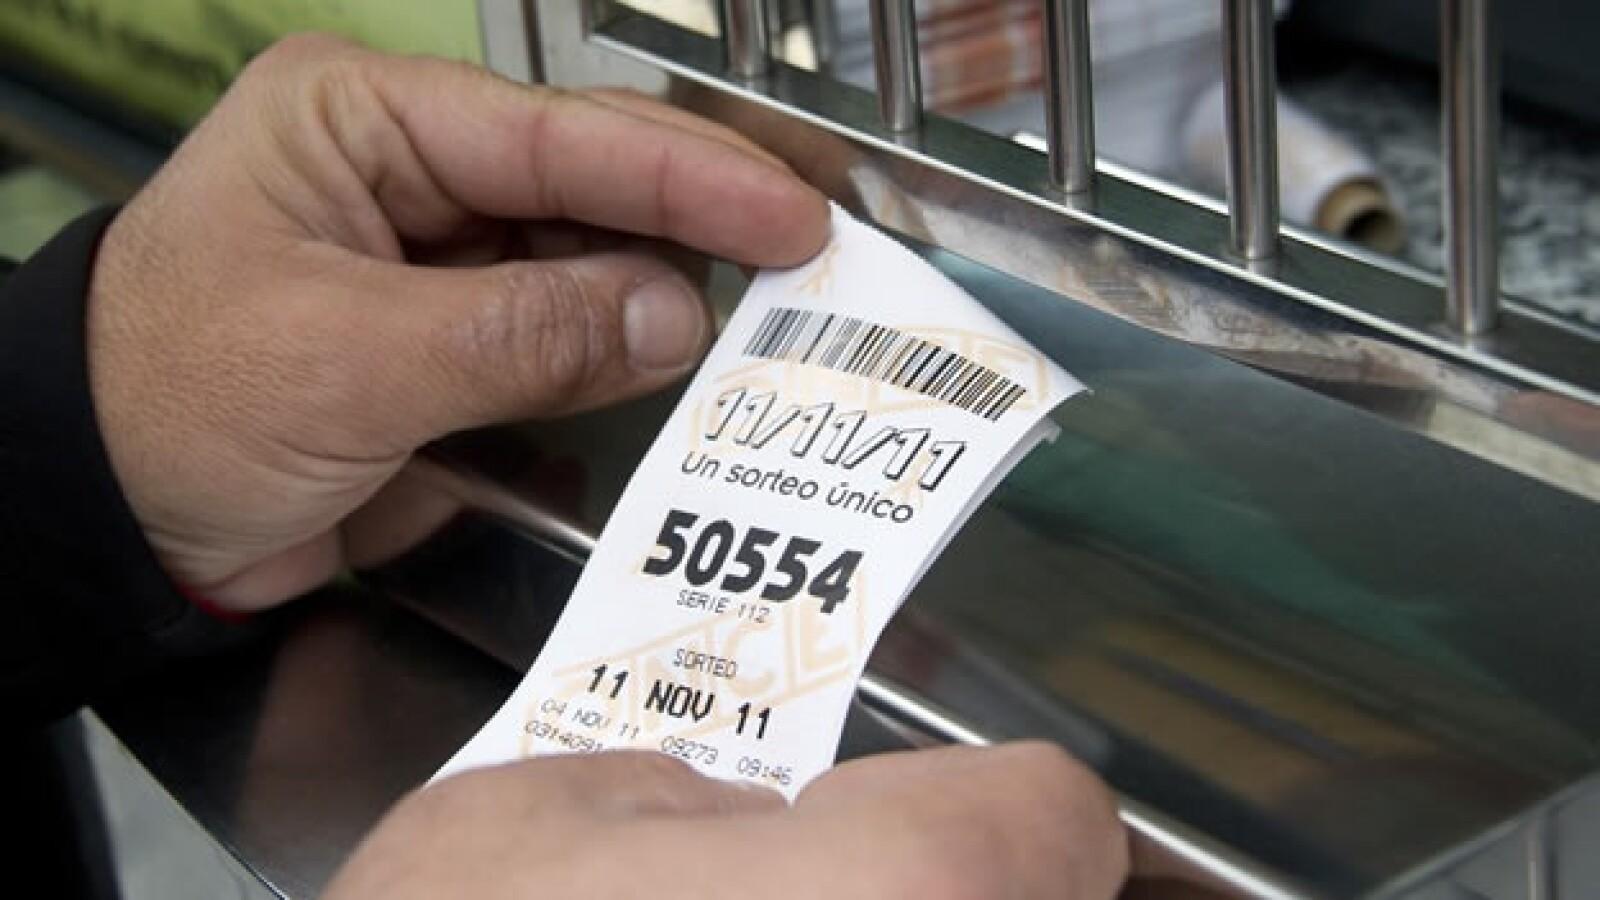 España boletos loteria 11.11.11